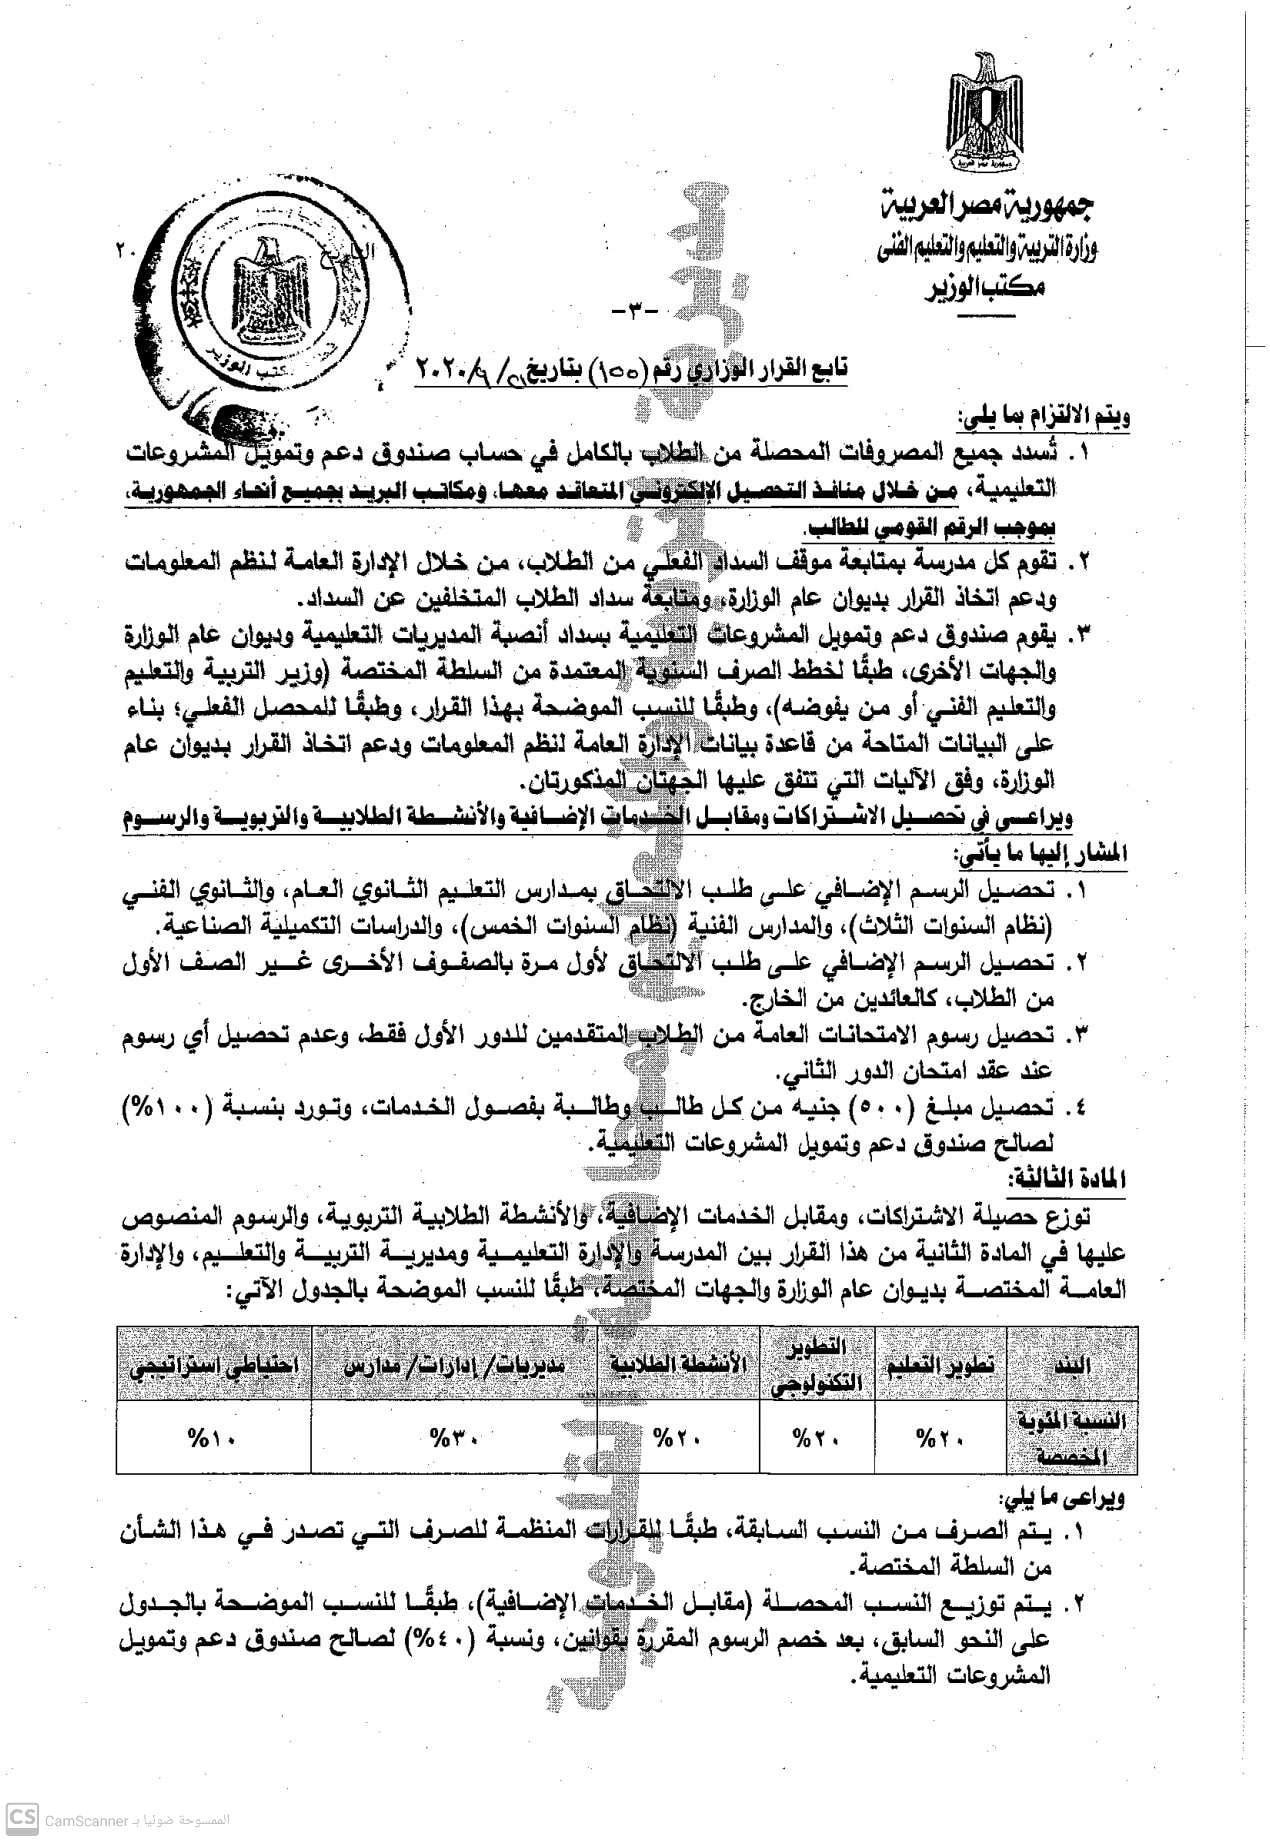 """رسميا.. المصروفات الدراسية للعام ٢٠٢١/٢٠٢٠.. من ٢٠٠ لـ ٥٠٠ جنية """"مستند"""" 3"""